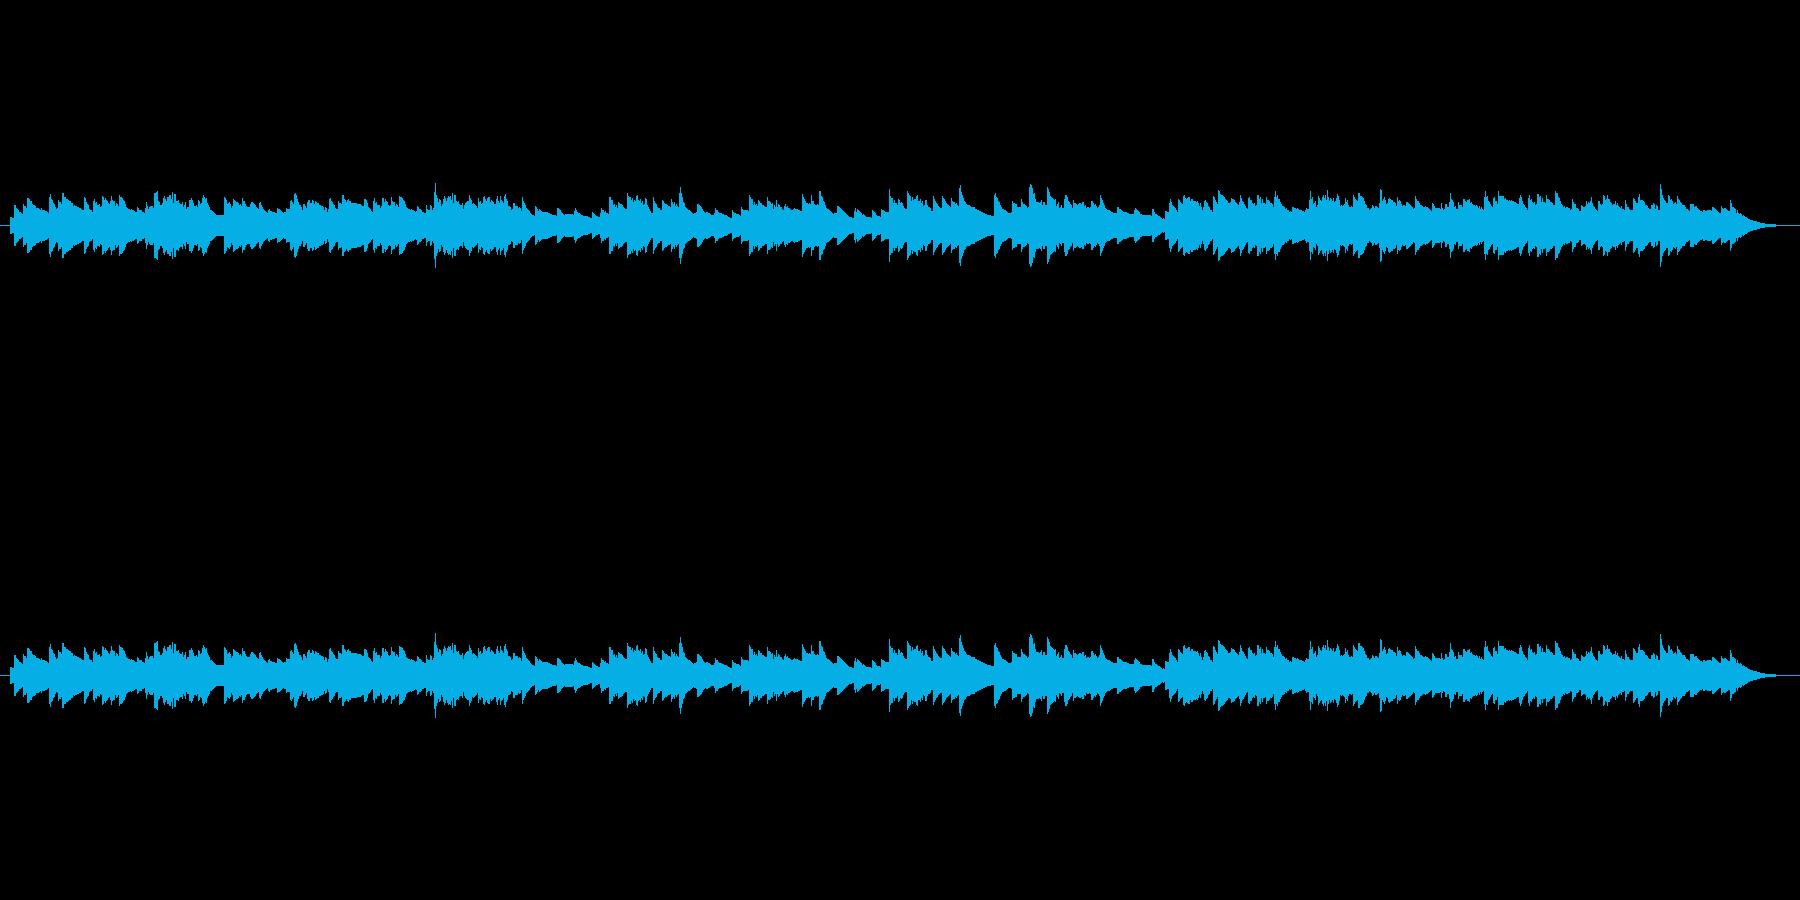 ほっとするバラードの再生済みの波形